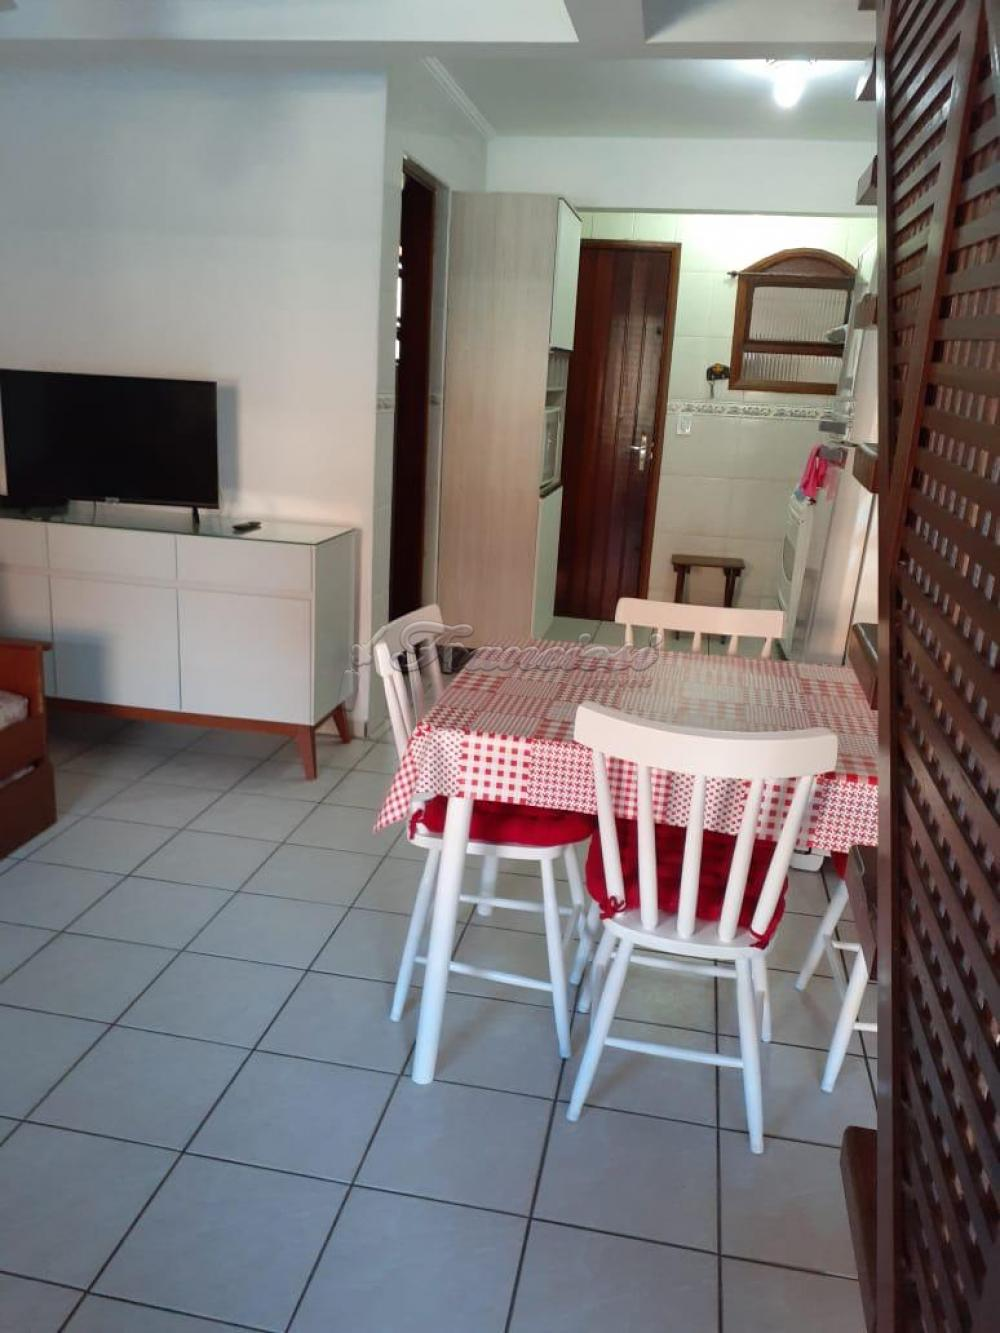 Comprar Apartamento / Padrão em Peruíbe apenas R$ 200.000,00 - Foto 13